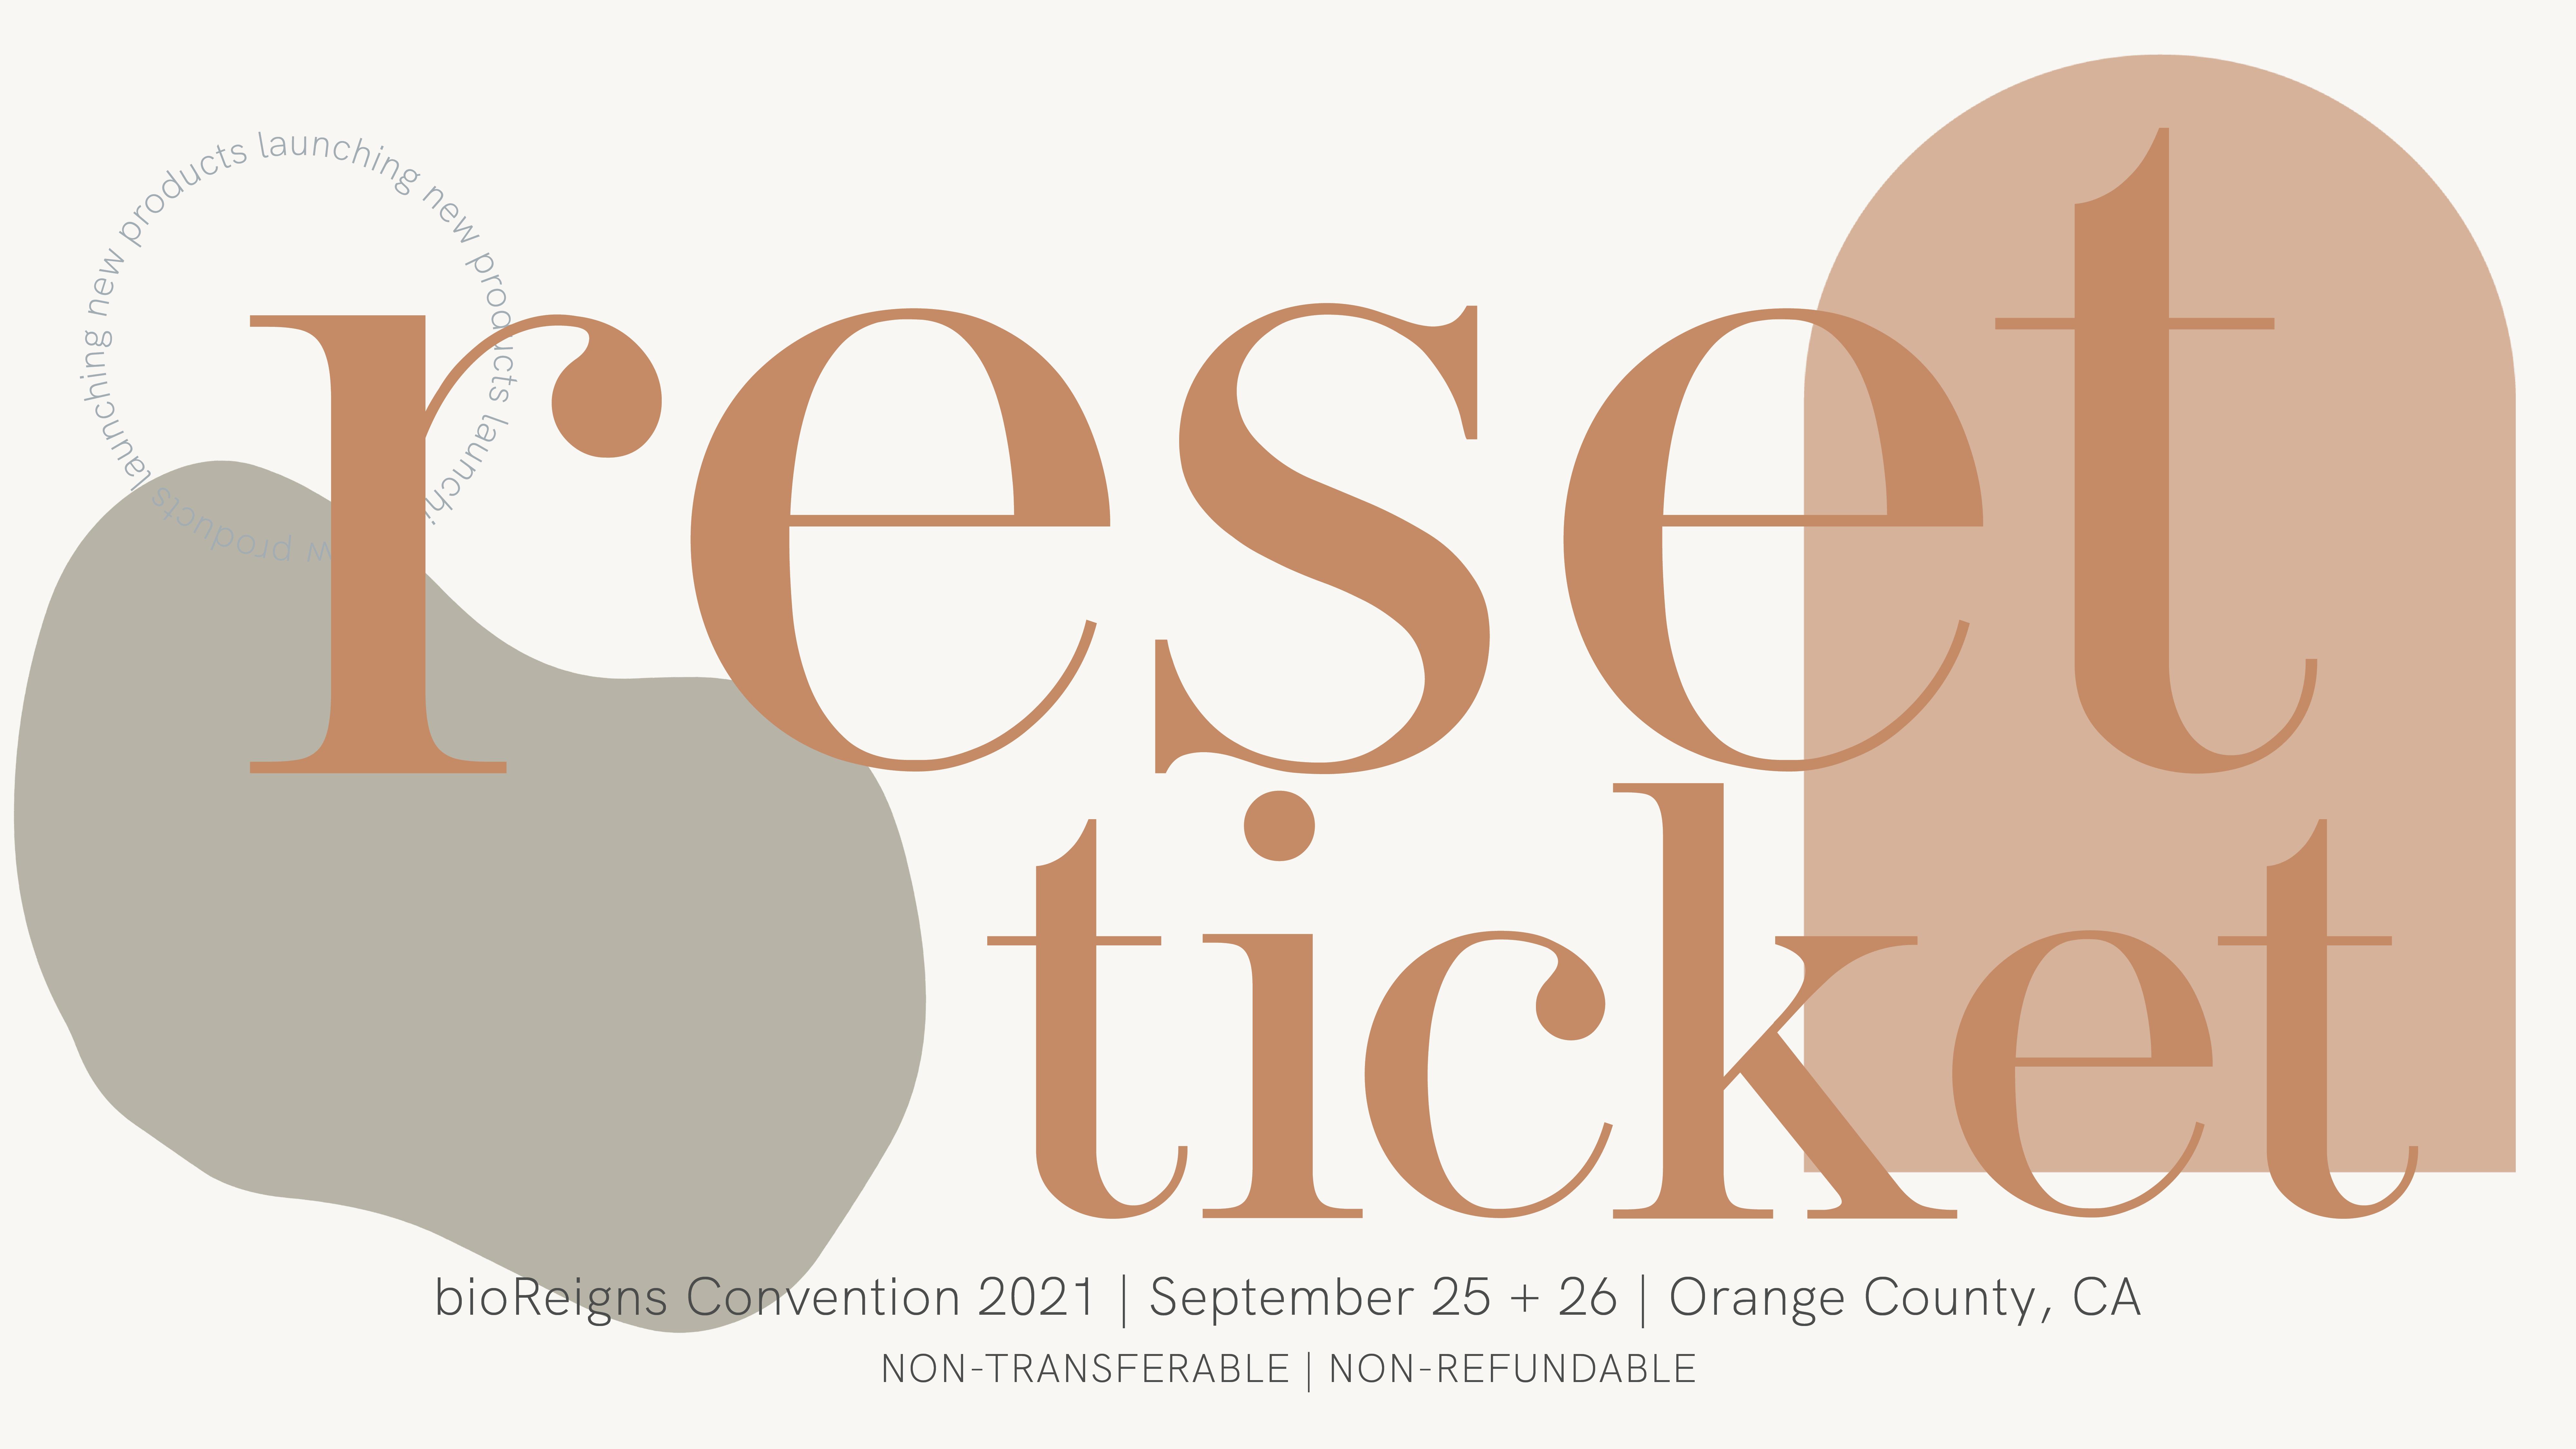 bioReset Convention | 5 pack